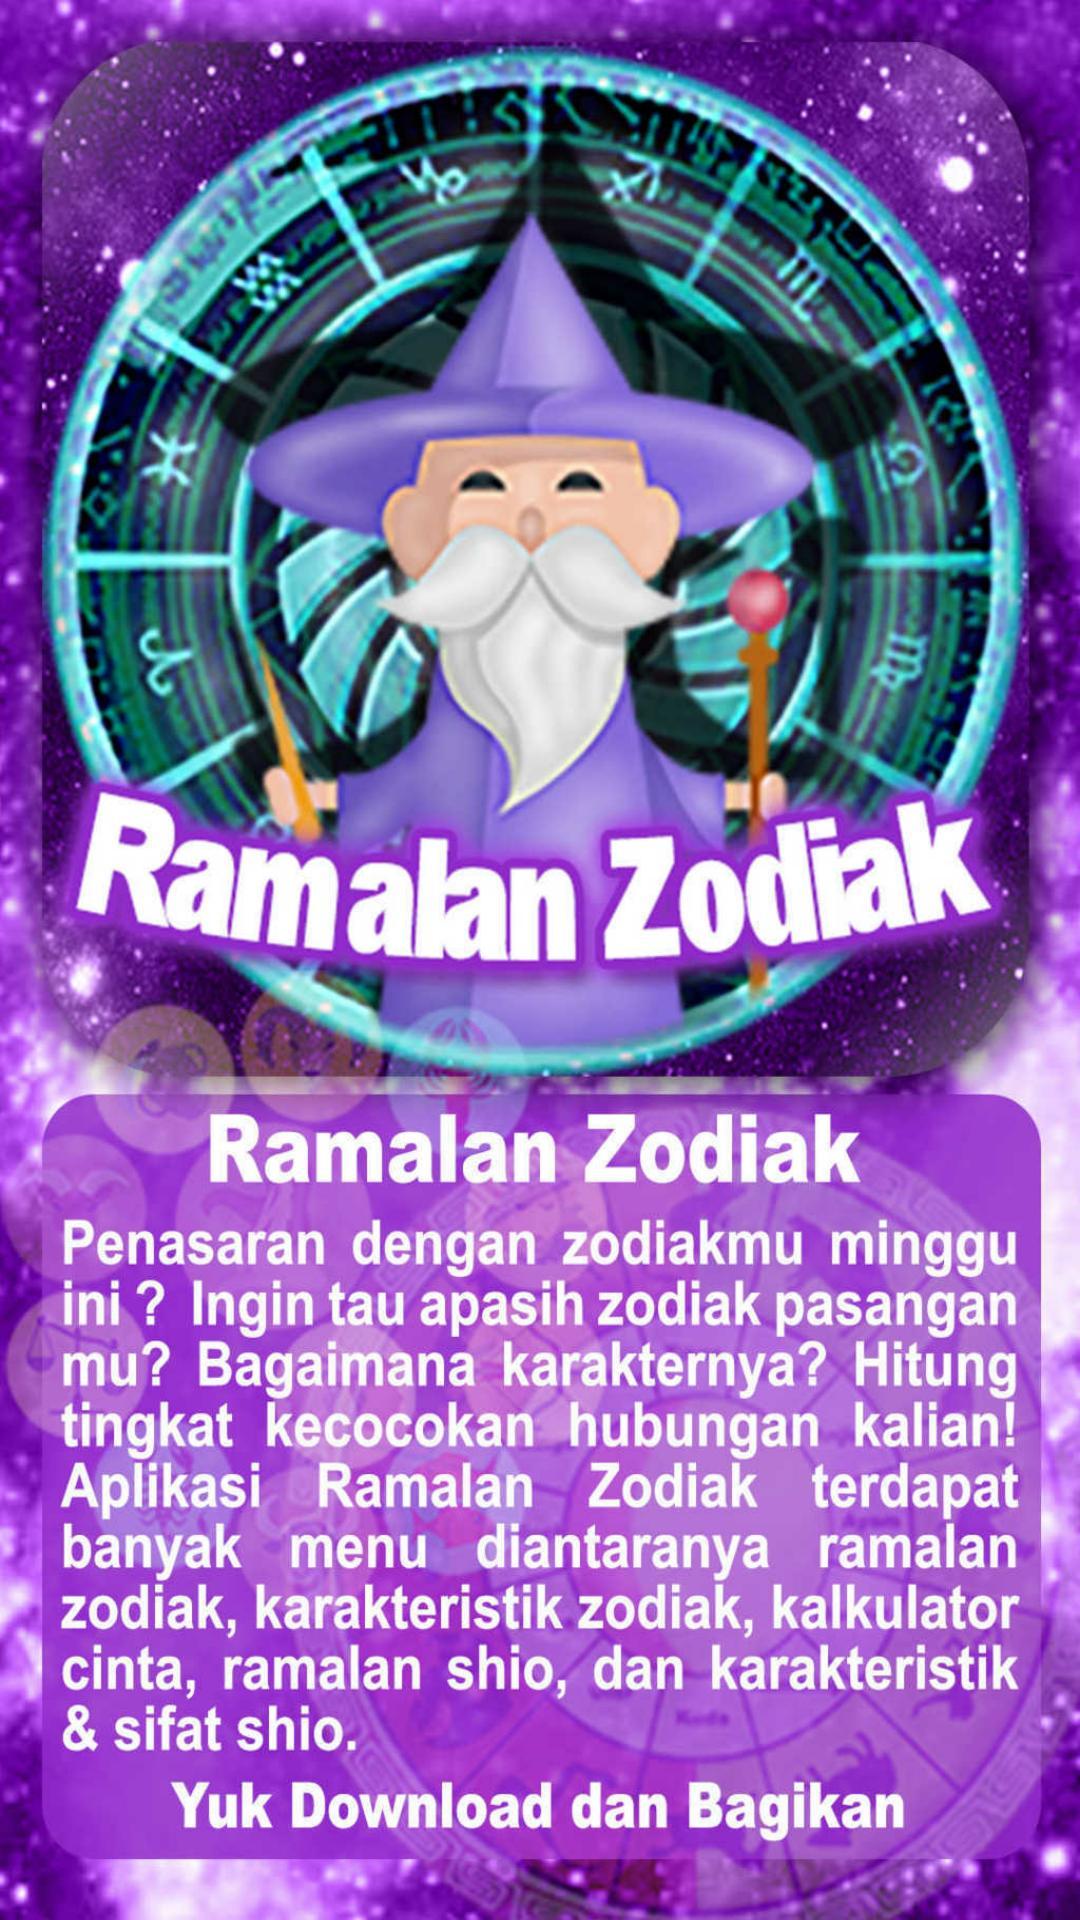 Android Icin Ramalan Zodiak Apk Yi Indir